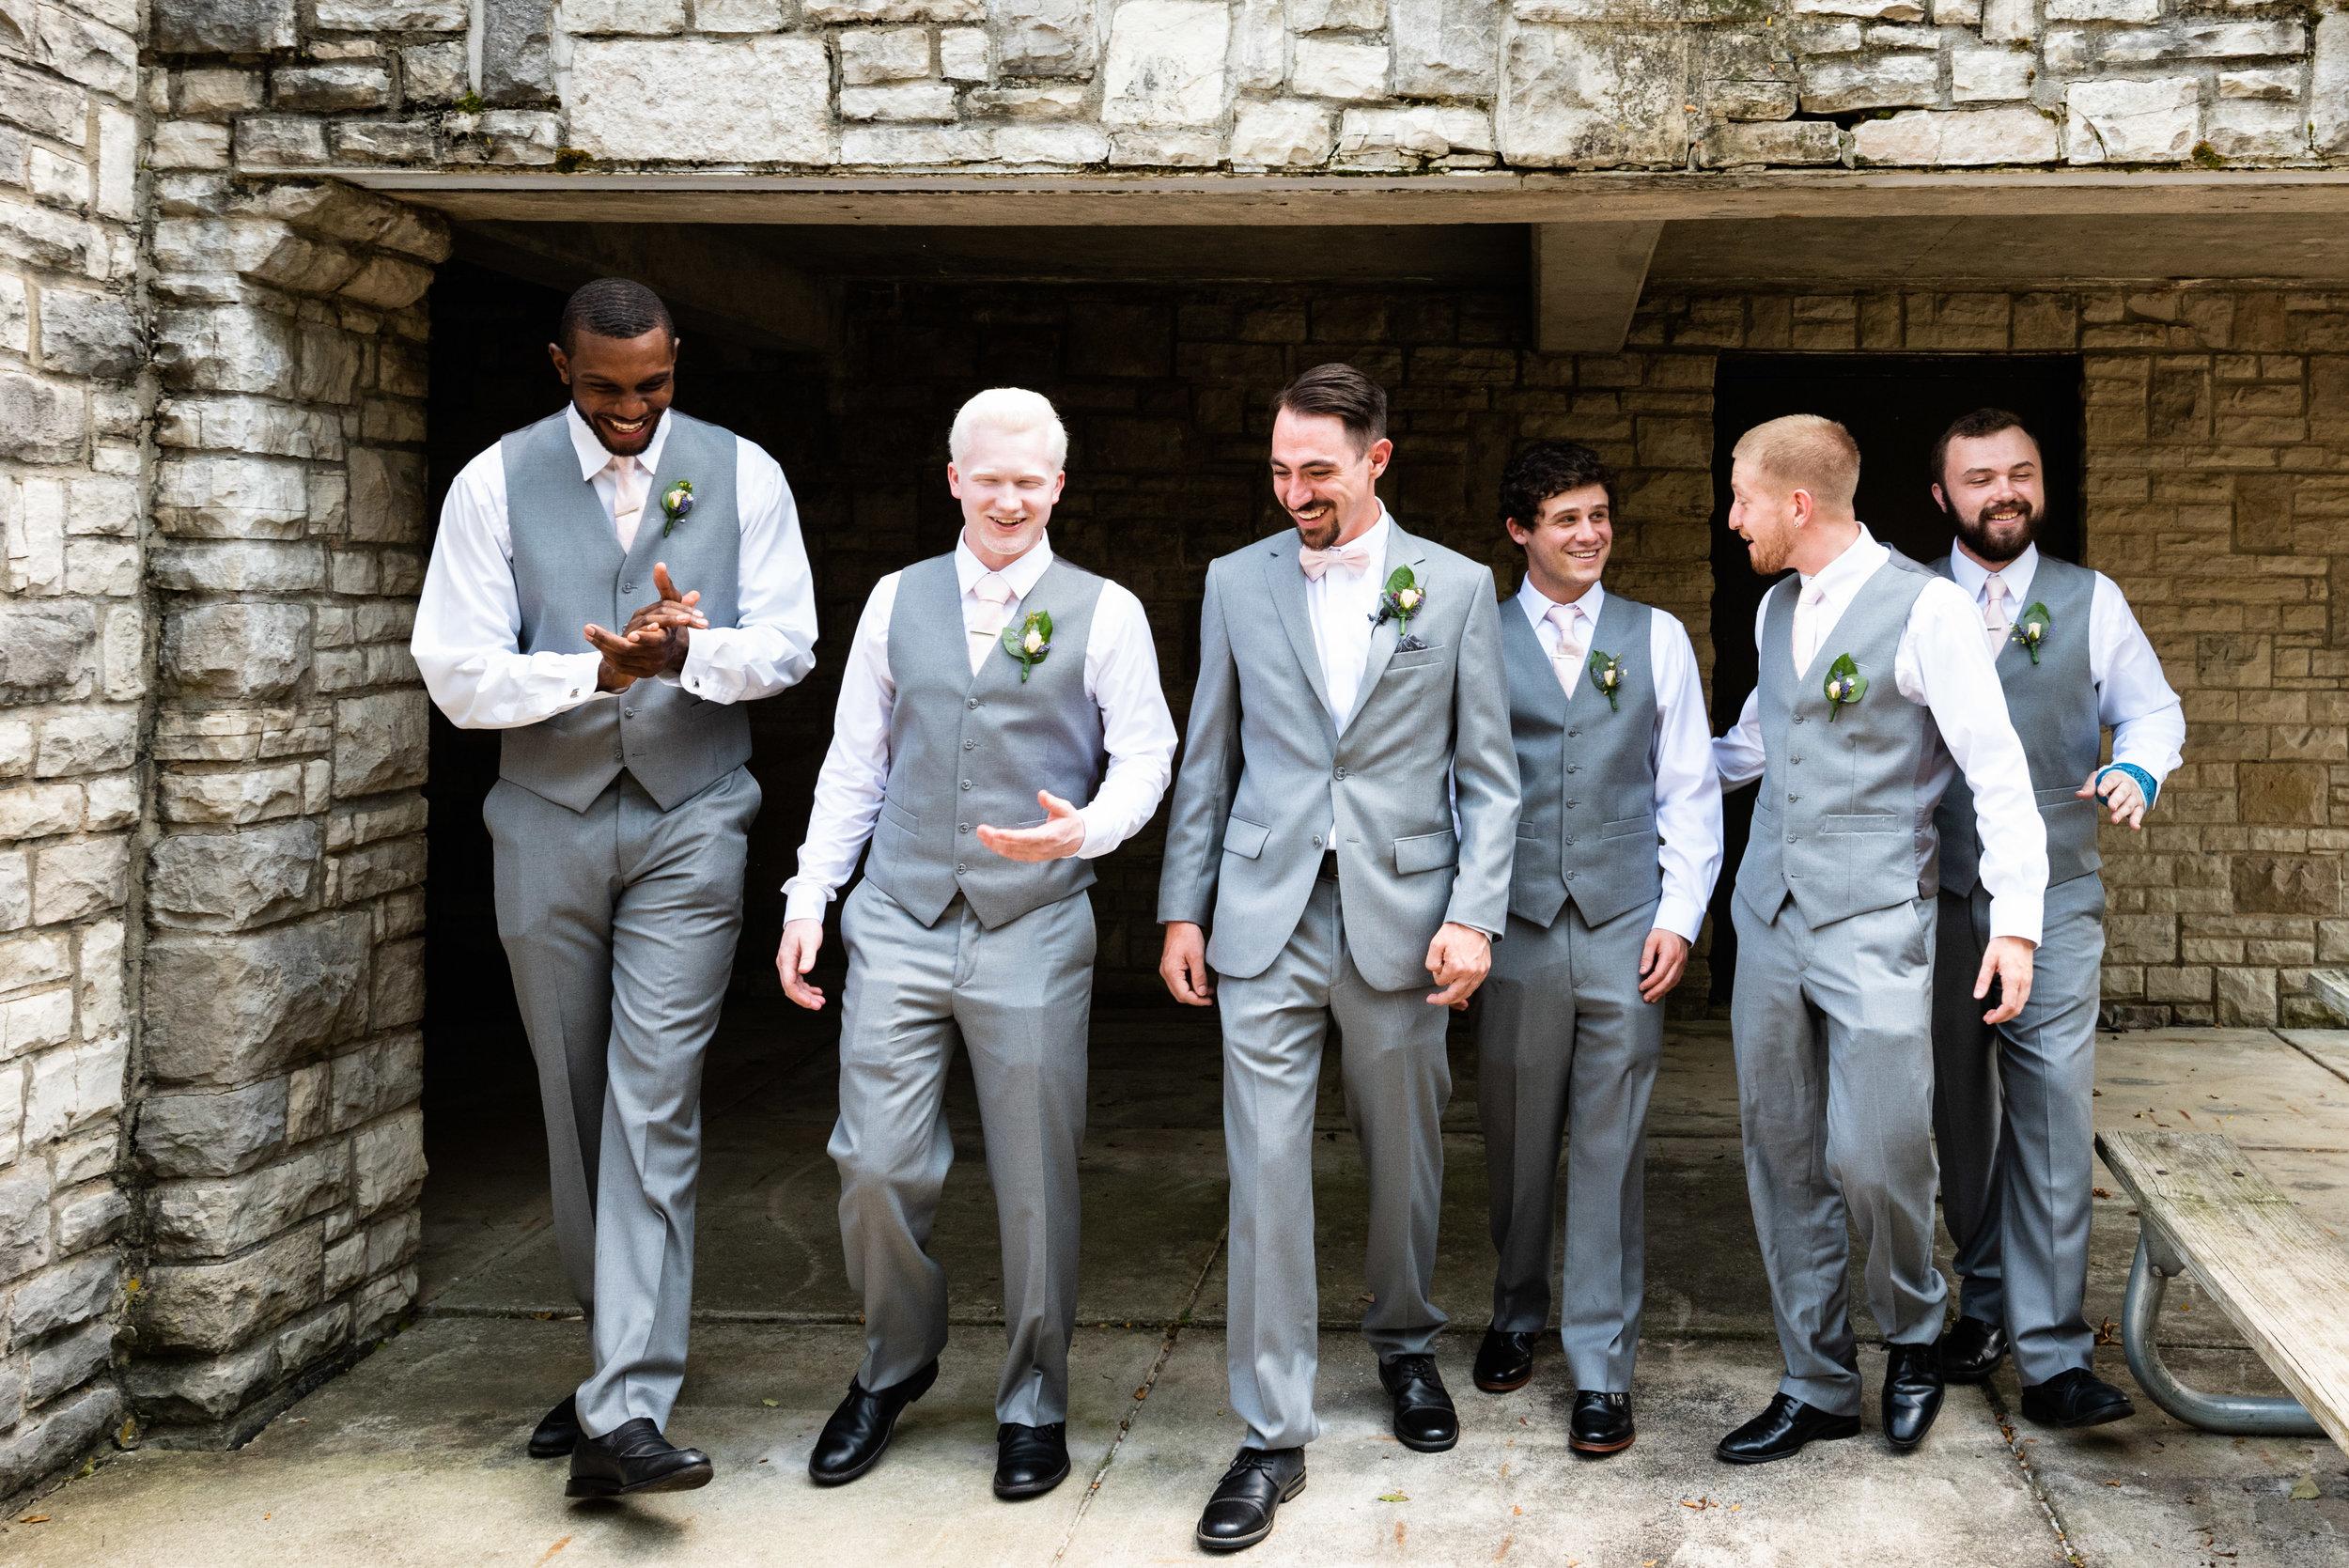 toledo ohio wedding photography